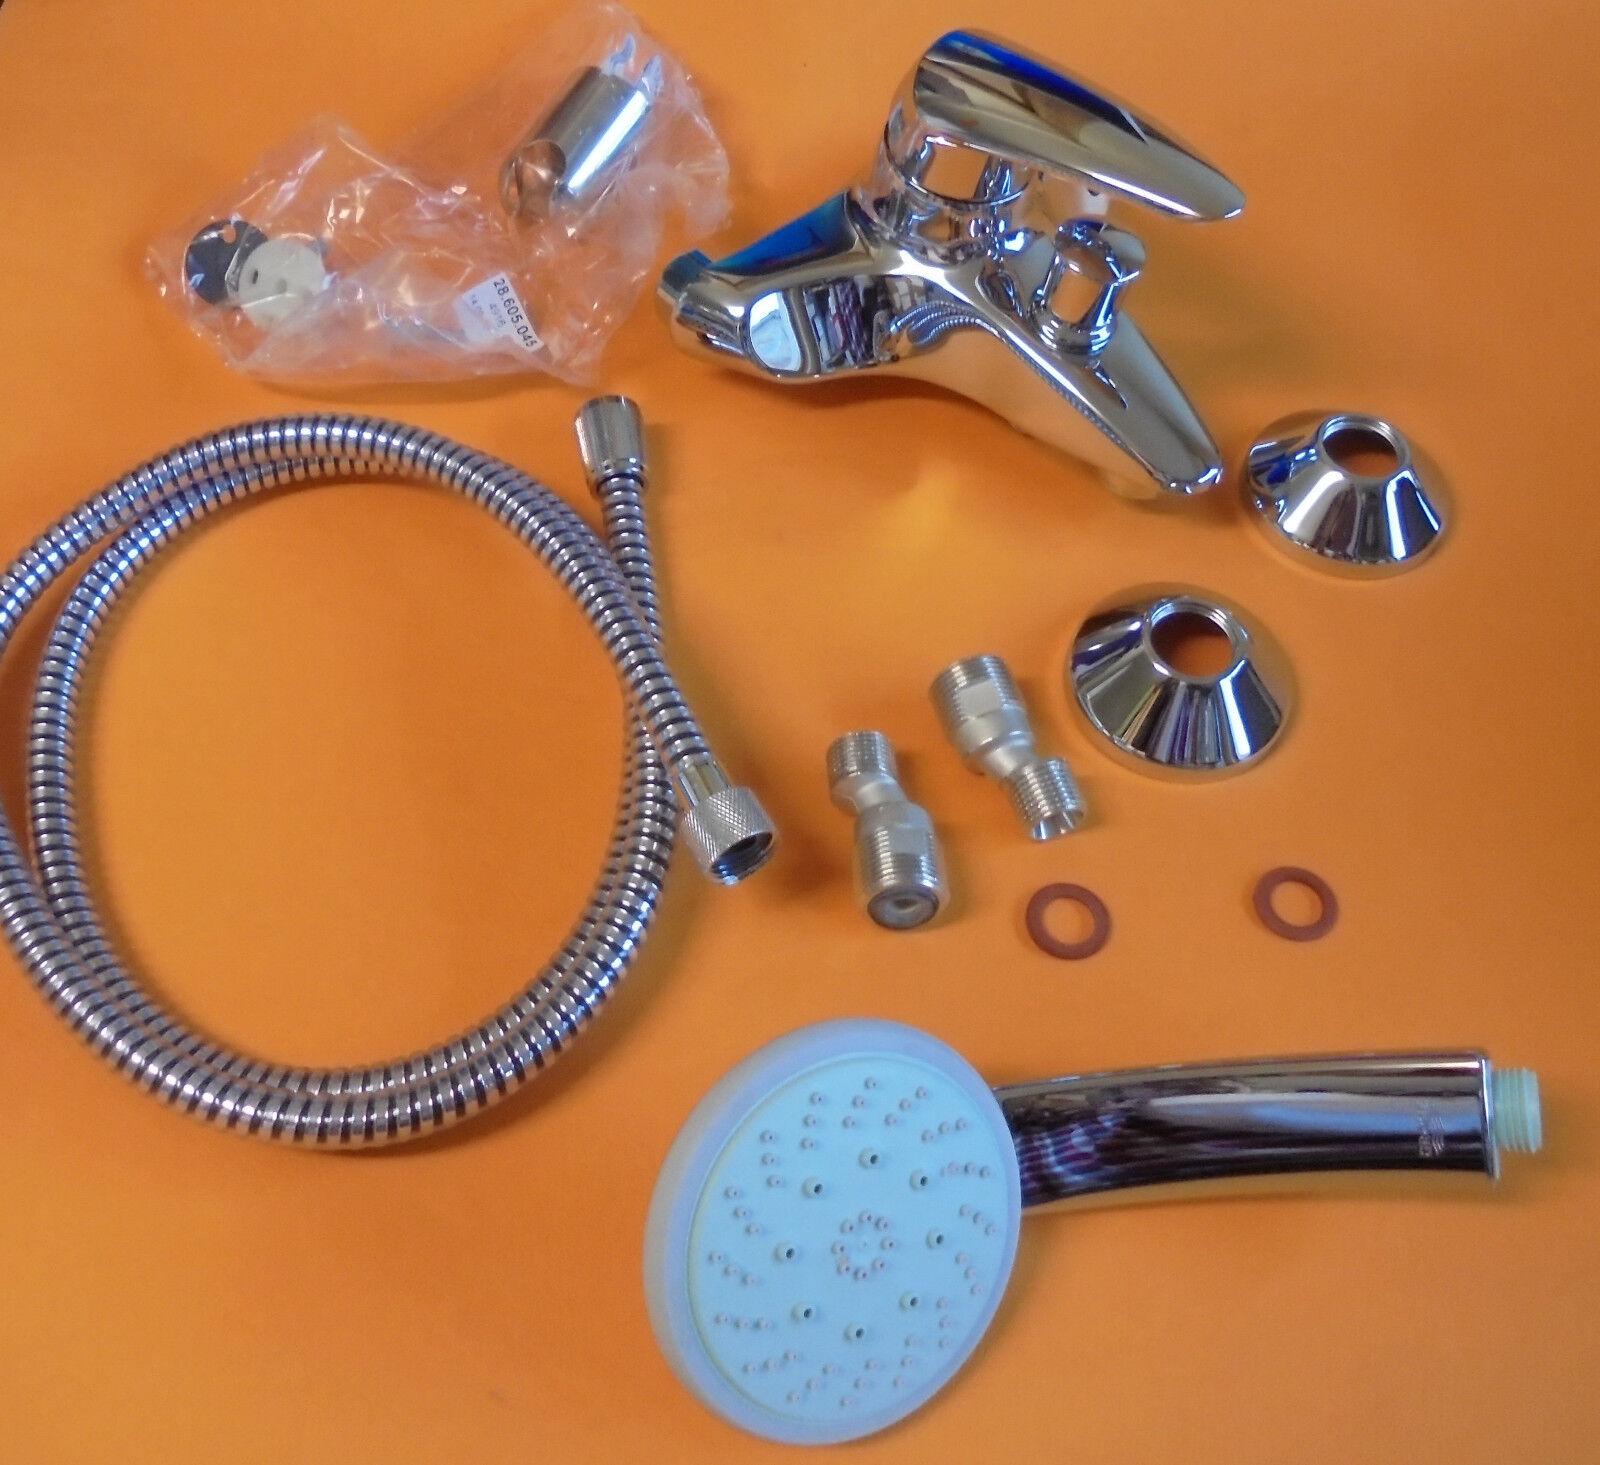 Grohe Eurodisc Wannenarmatur WFB mit Handbrause Set iincl. Brauseschlauch | Ausgezeichnet  | Exquisite Handwerkskunst  | Neue Produkte im Jahr 2019  | Ausgezeichnete Qualität